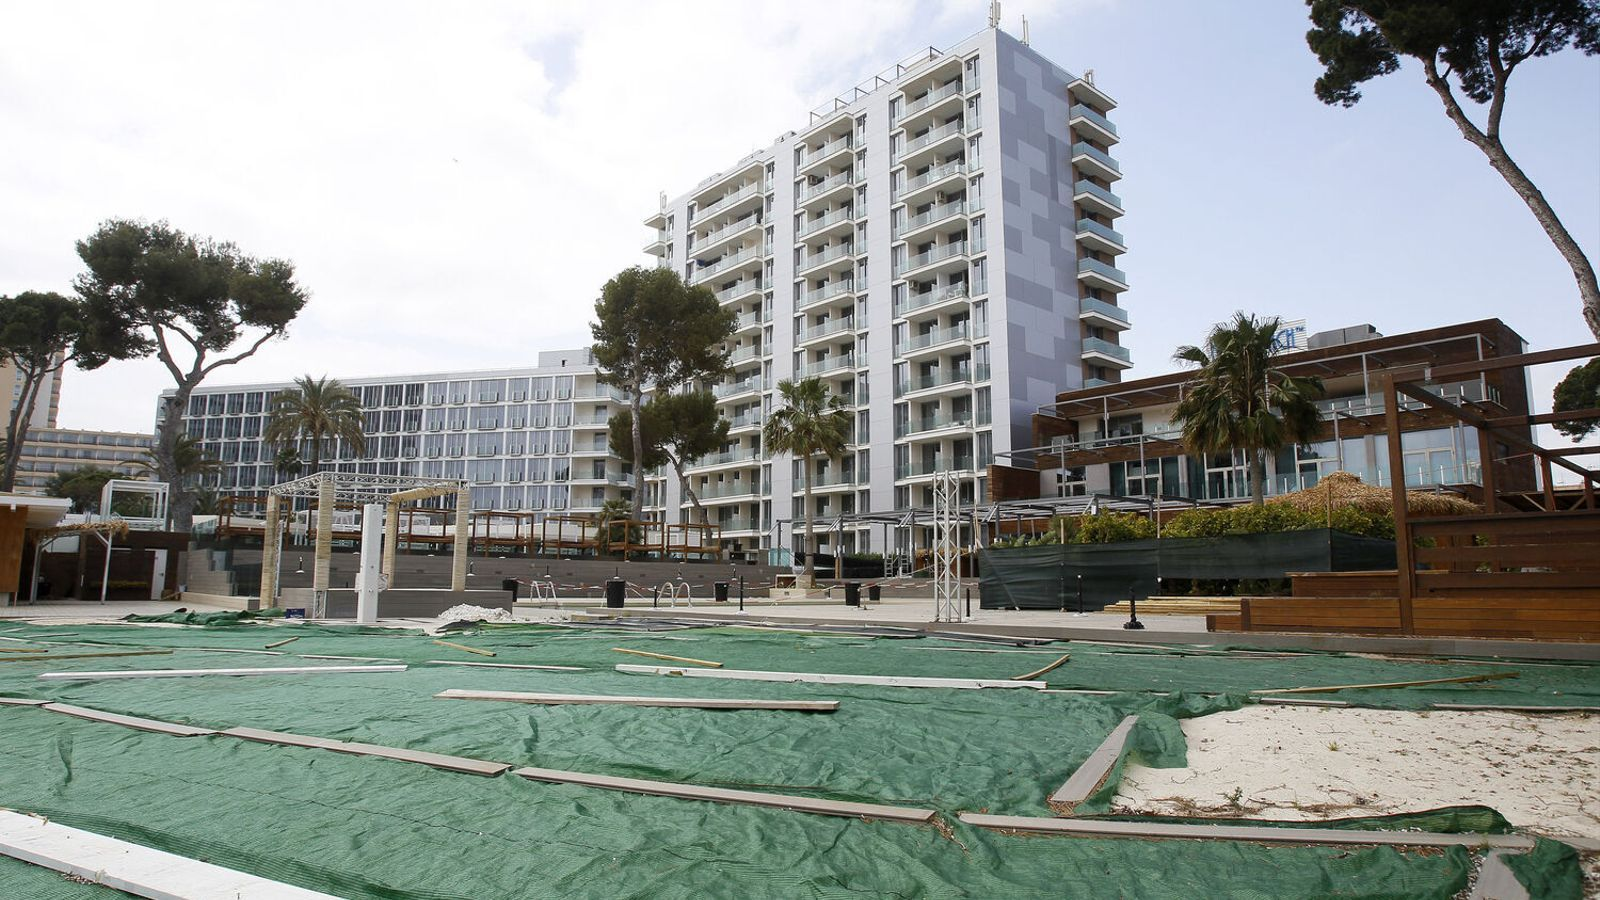 Els consells de Menorca, Eivissa i Formentera i el Govern, en el cas de Mallorca, podran augmentar i minvar el percentatge d'ampliació dels establiments hotelers